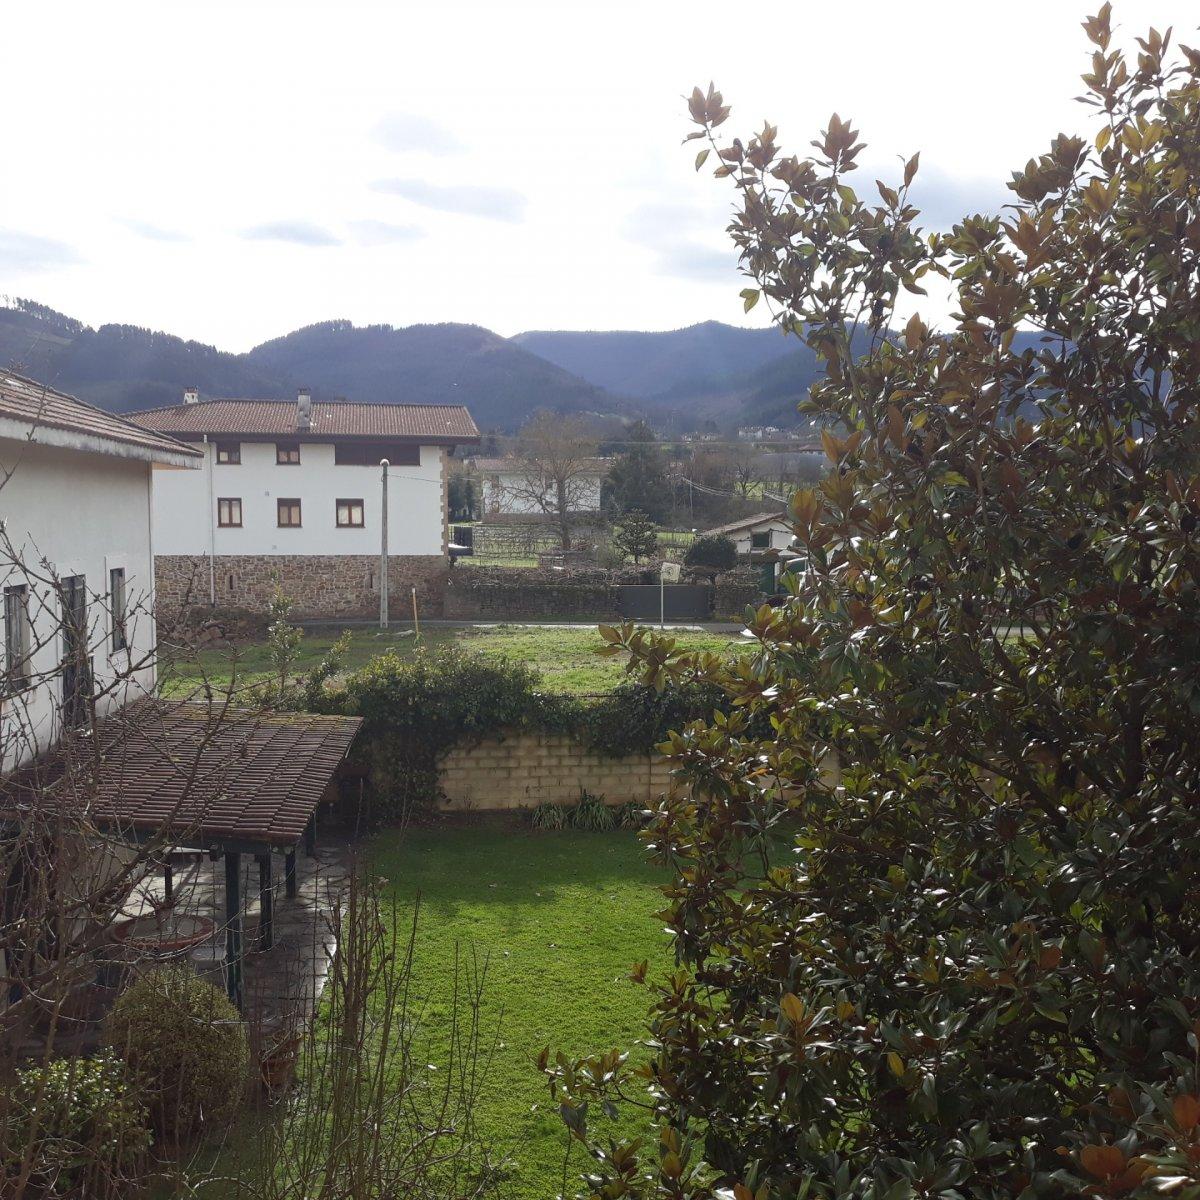 Piso en venta en Zalla  de 3 Habitaciones, 1 Baño y 87 m2 por 121.000 €.